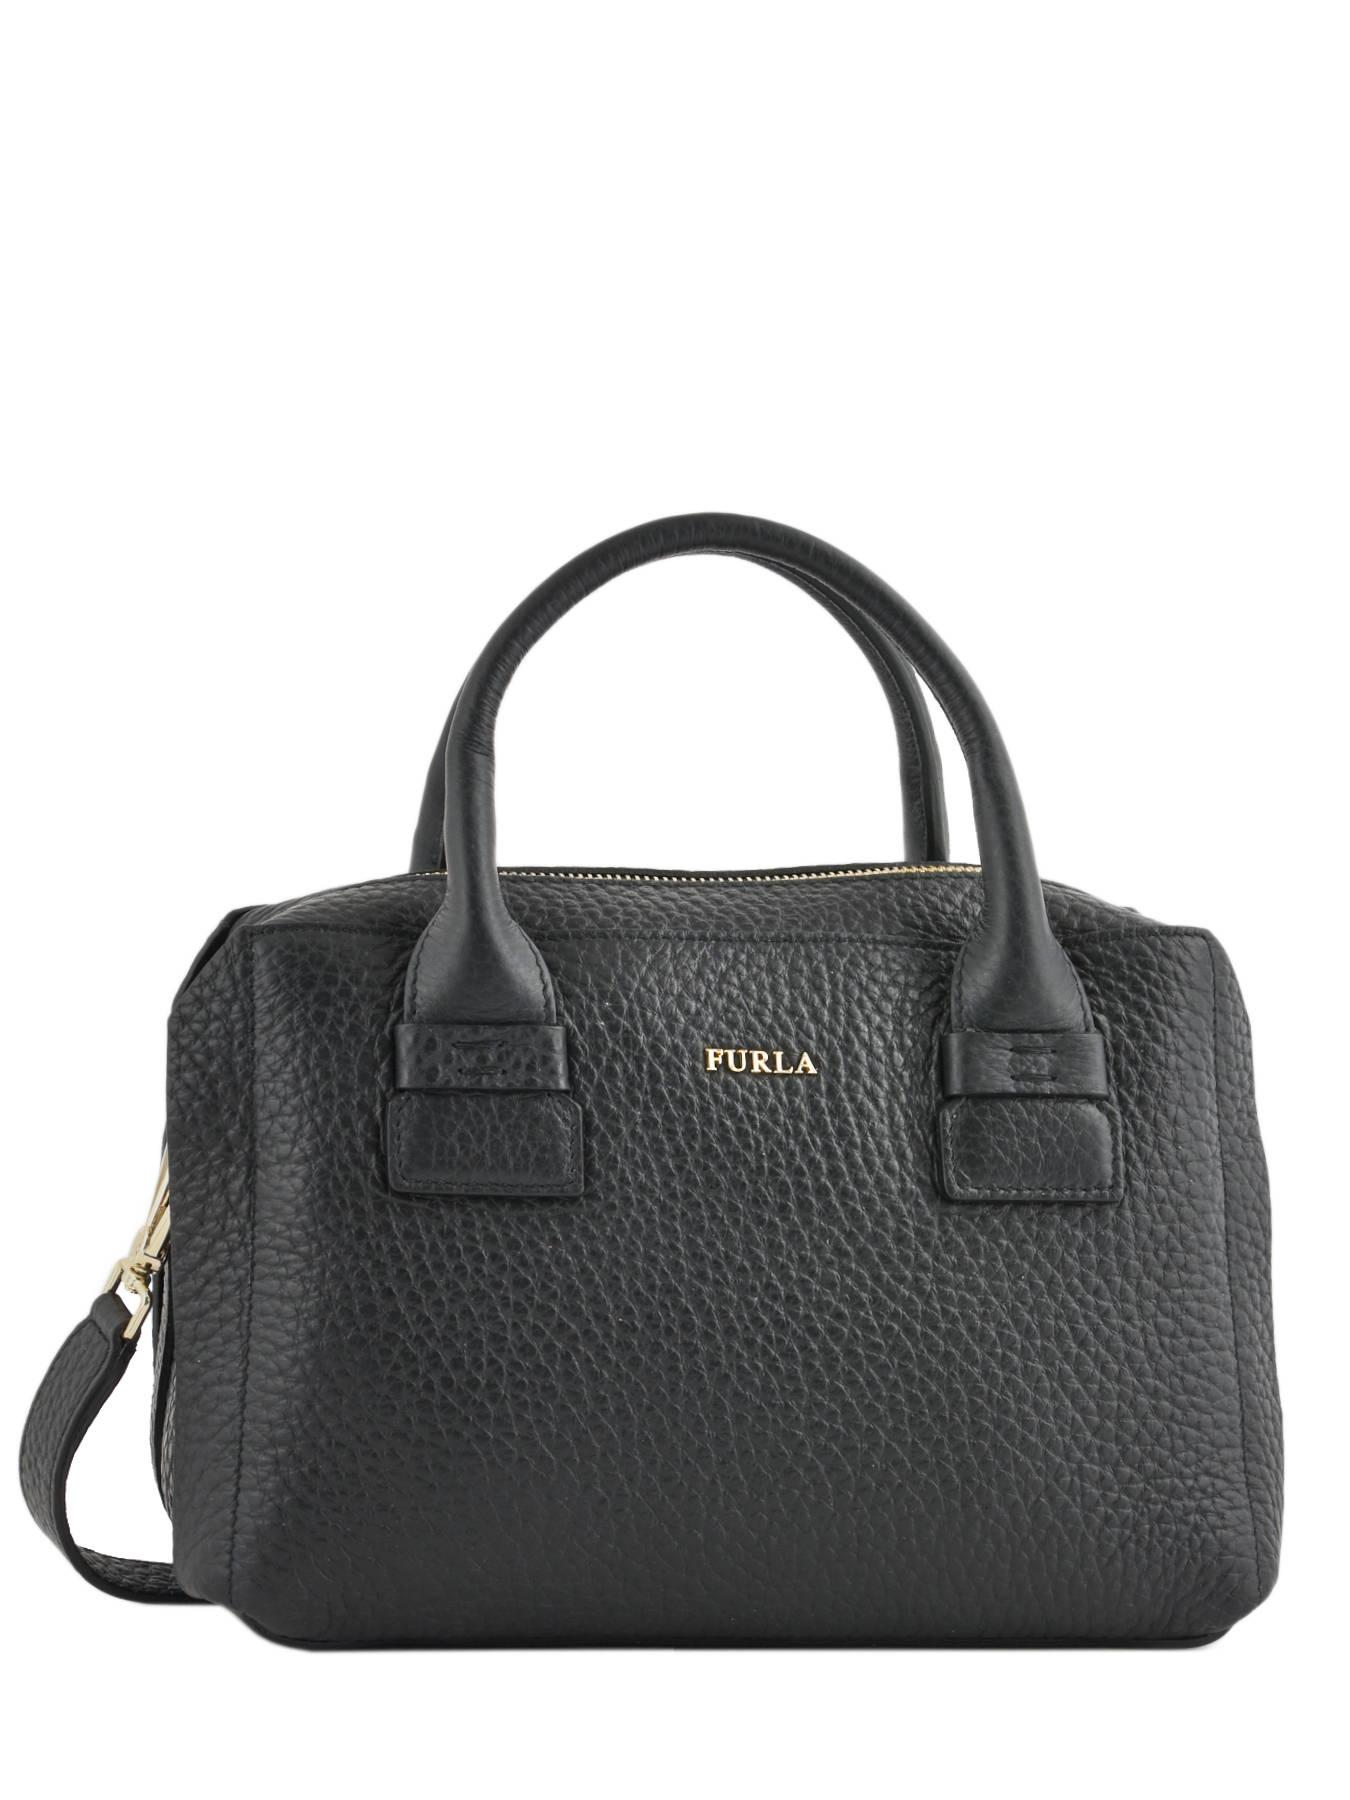 ... Handbag Capriccio Leather Furla Black capriccio LN2-BNZ8 ... 1906281d61a11